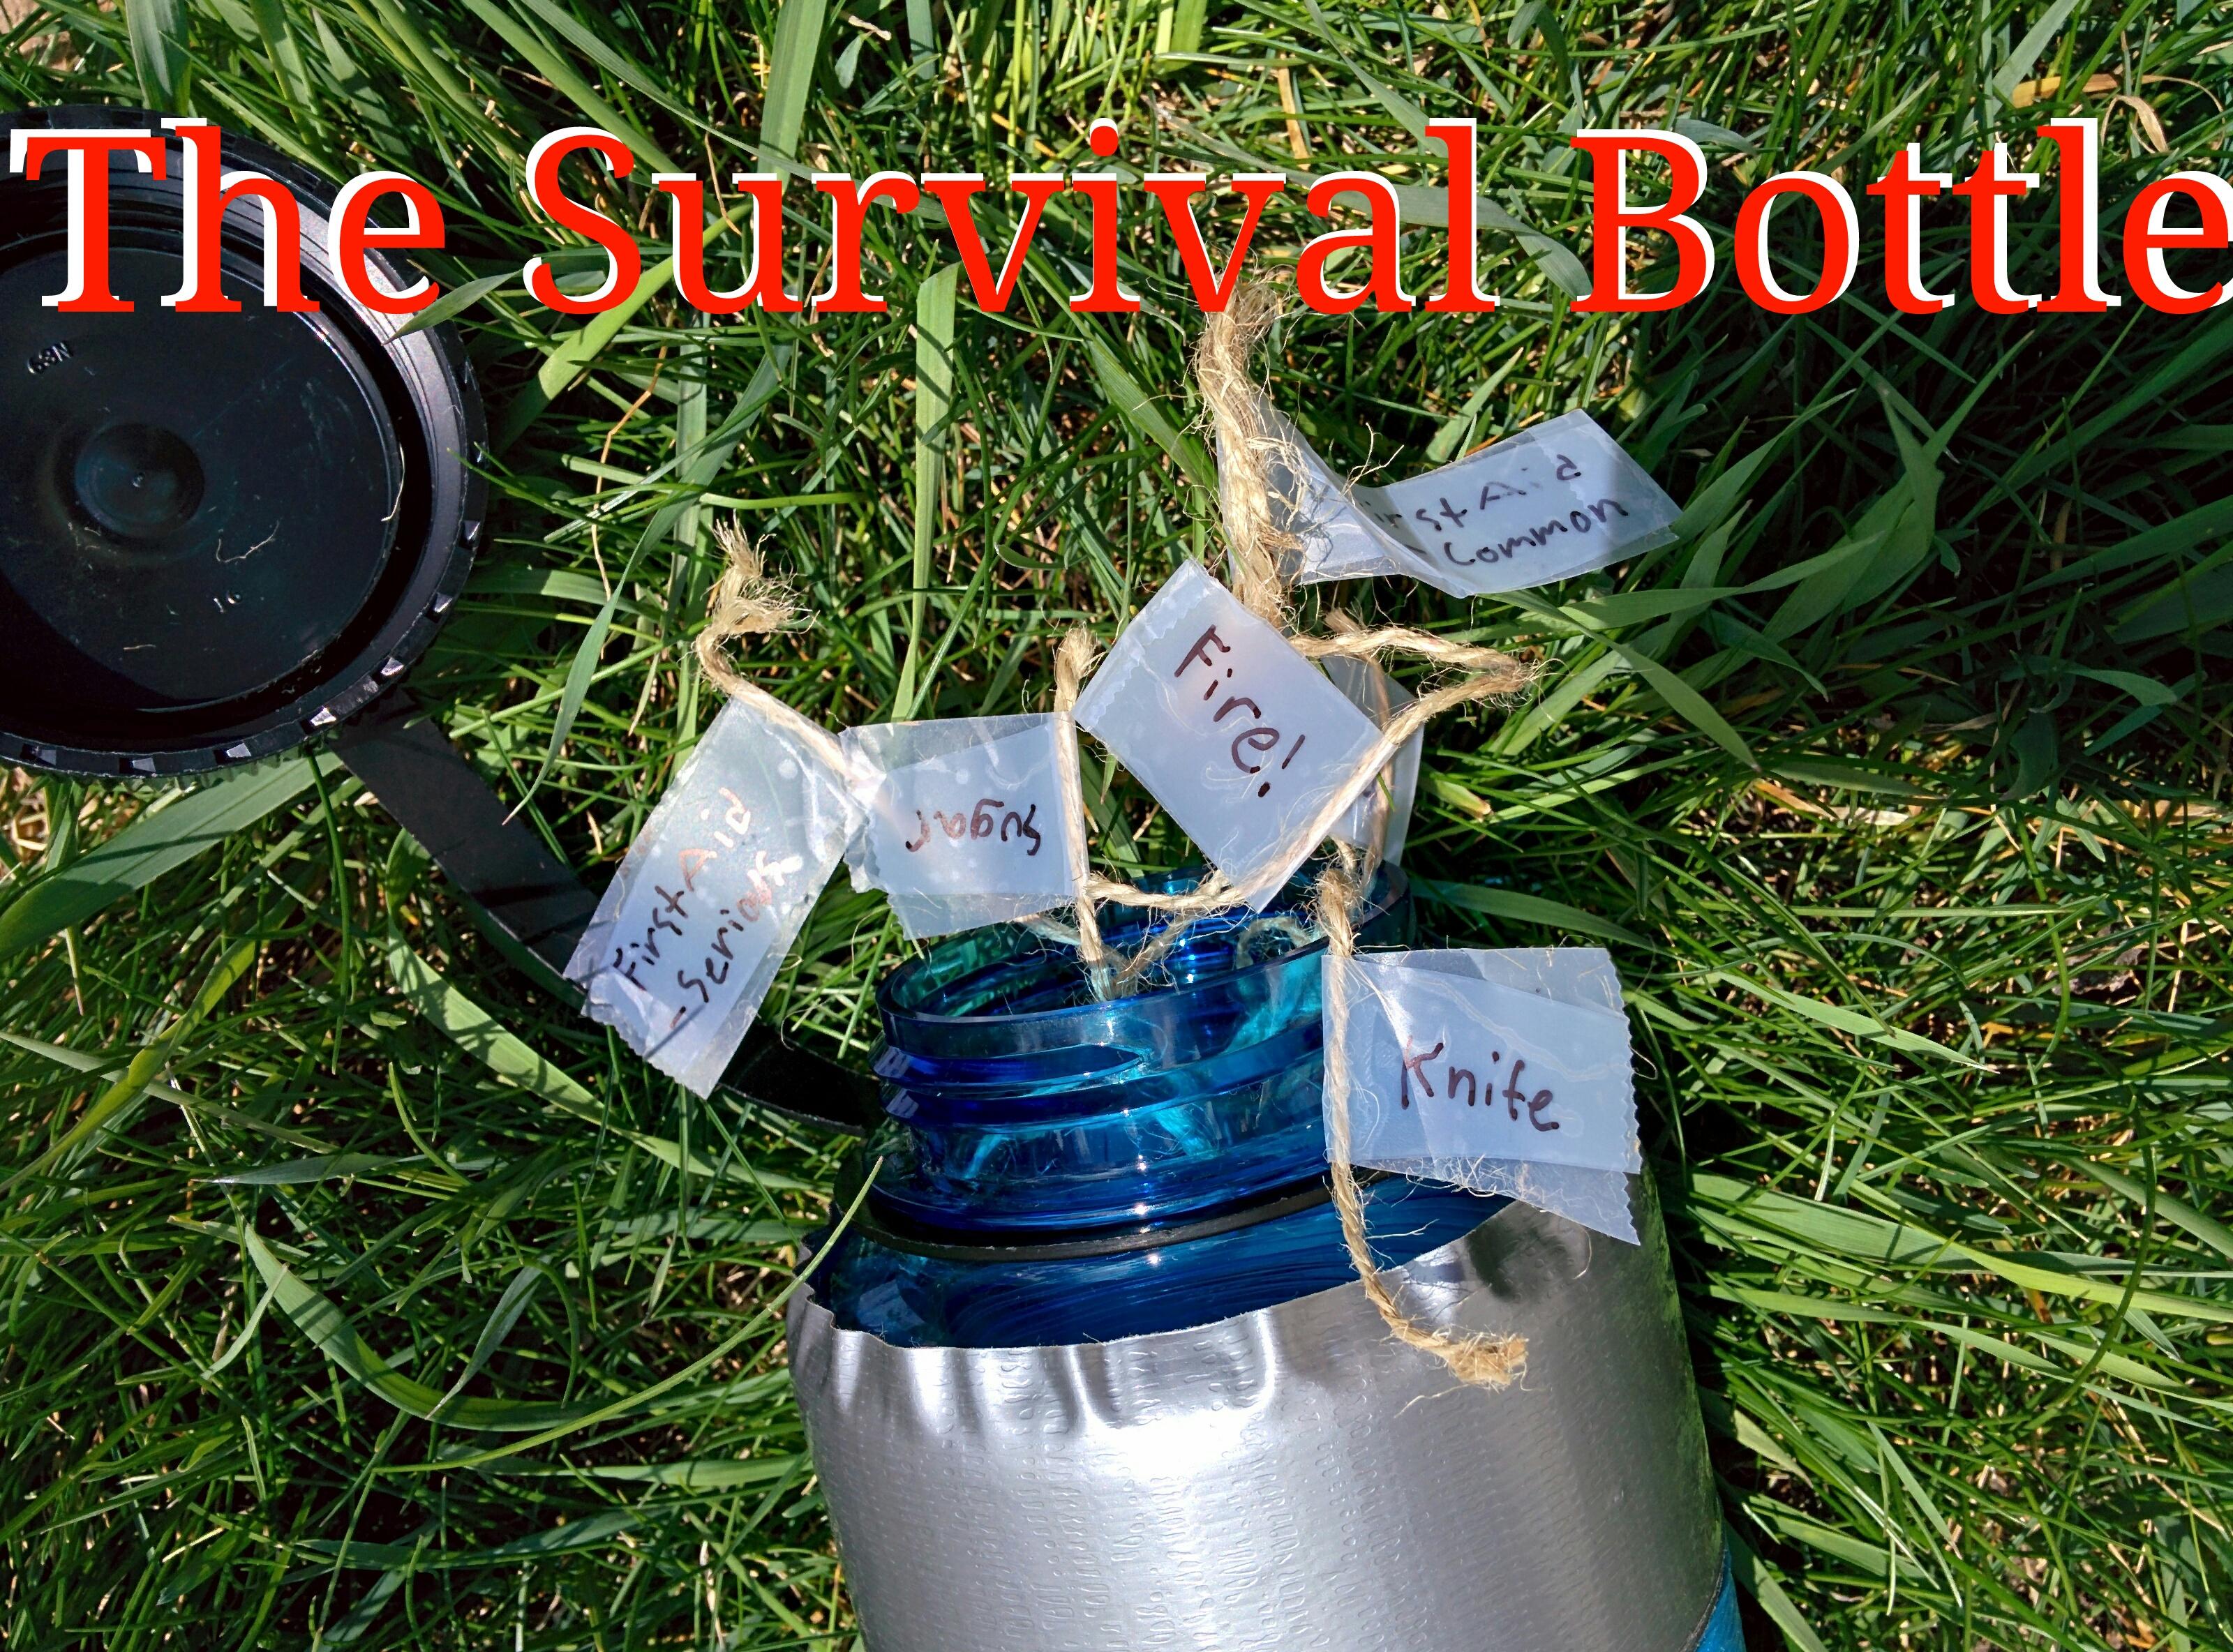 The Survival Bottle